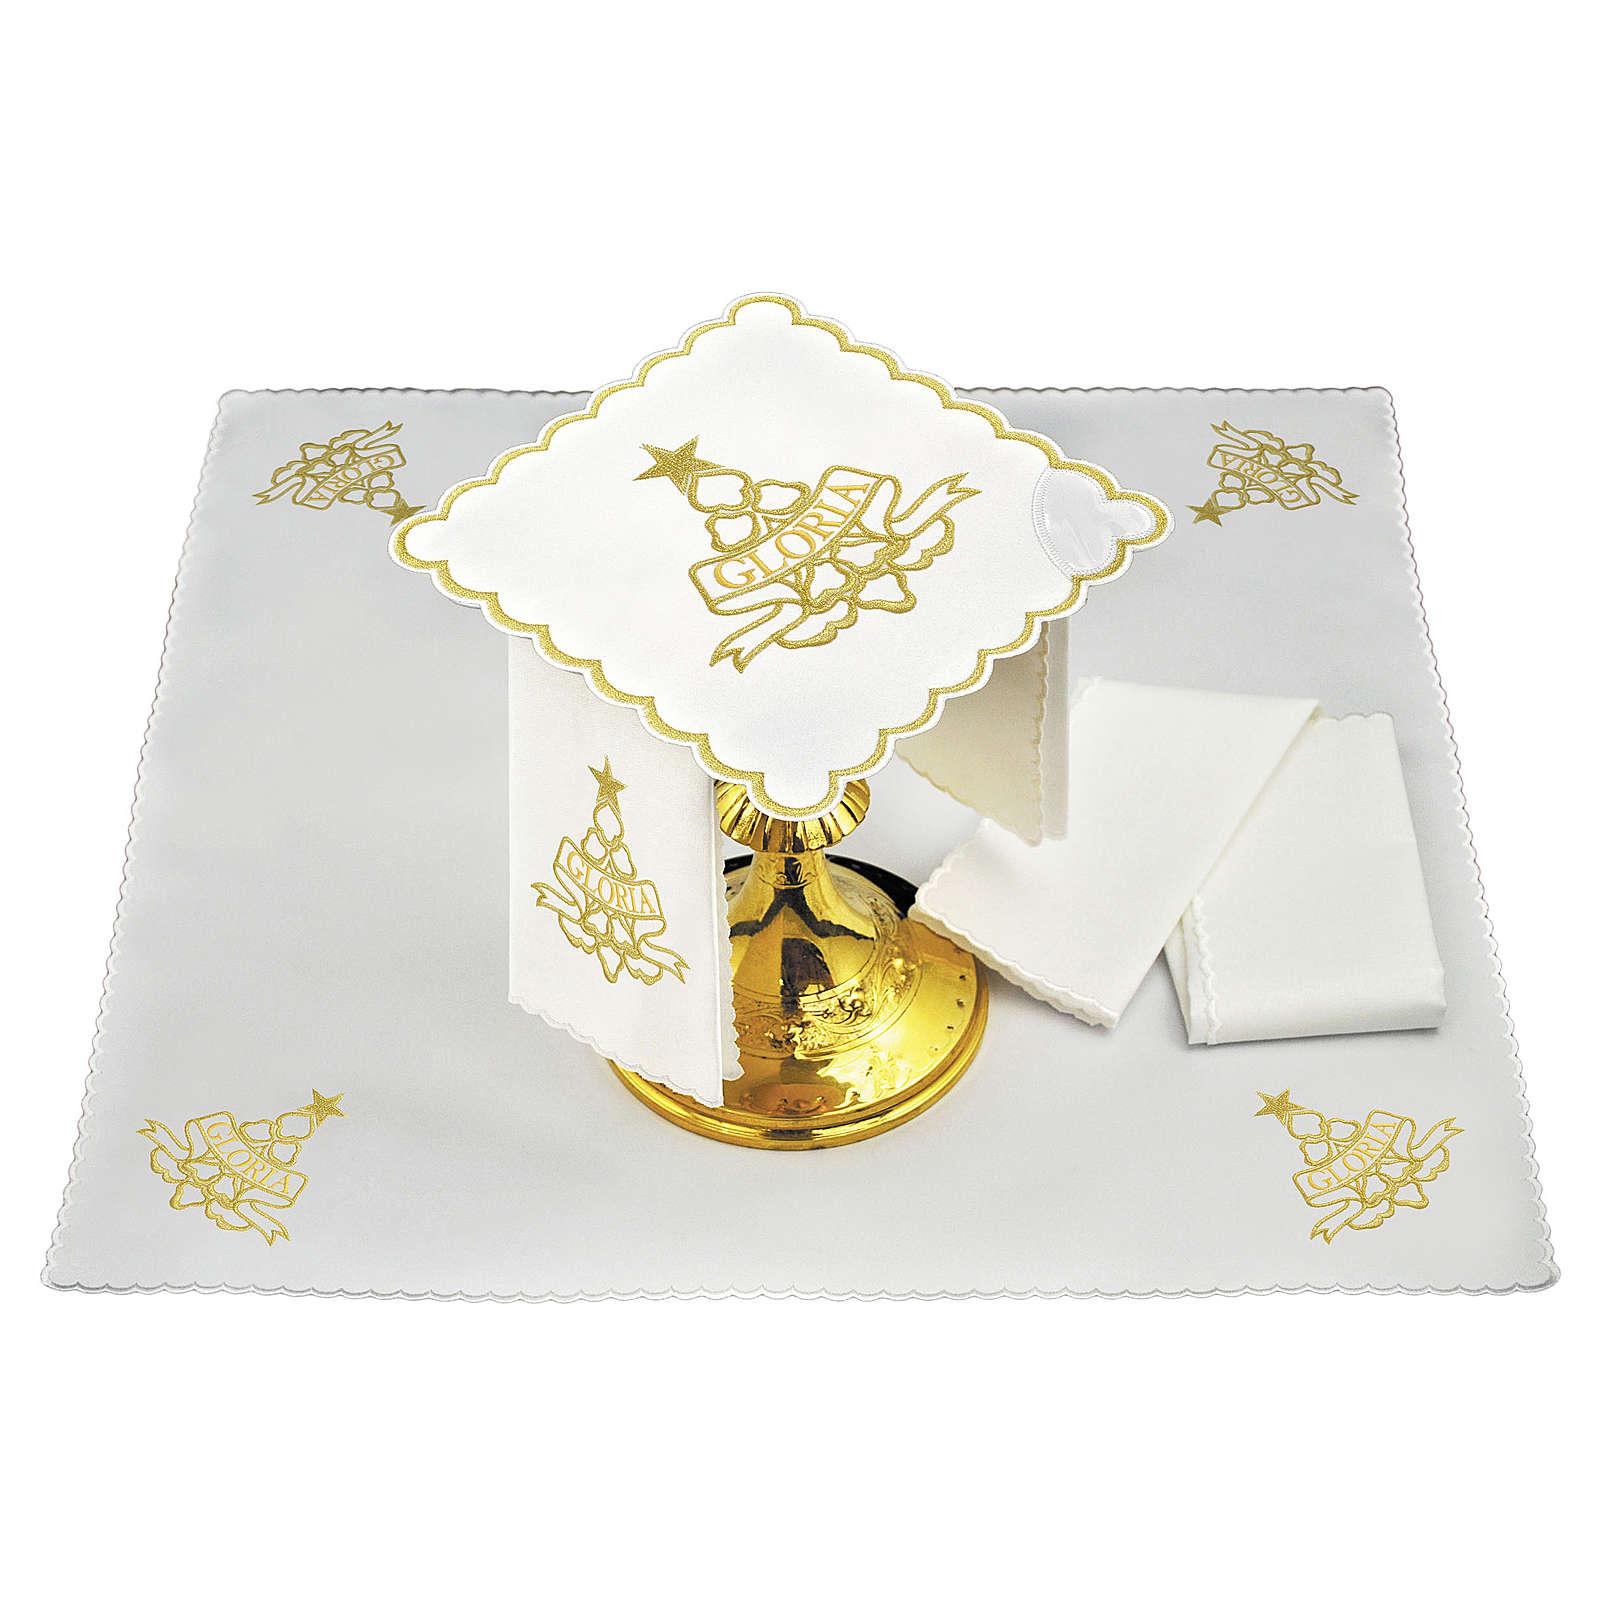 Servizio da altare cotone ricami dorati Gloria e stella 4